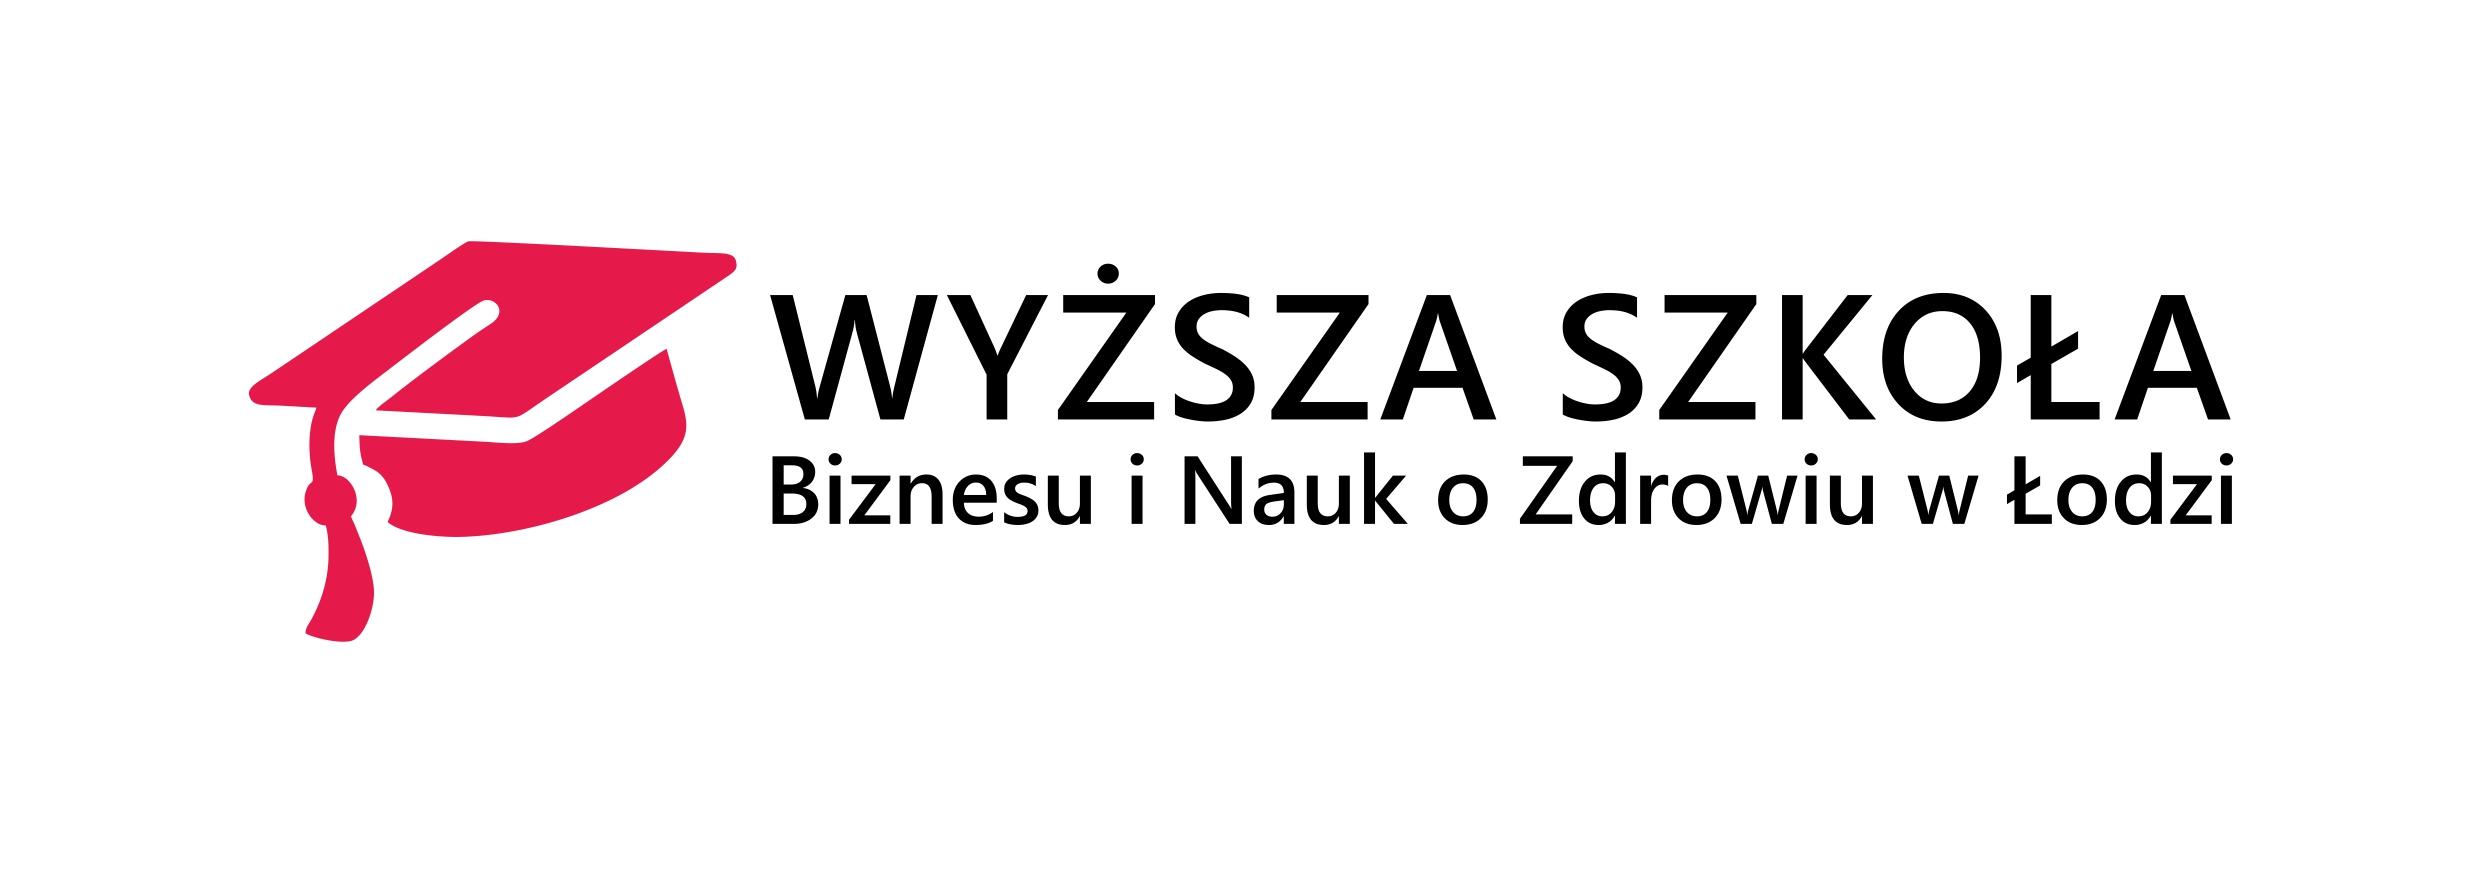 Wyższa Szkoła Biznesu i Nauk o Zdrowiu w Łodzi